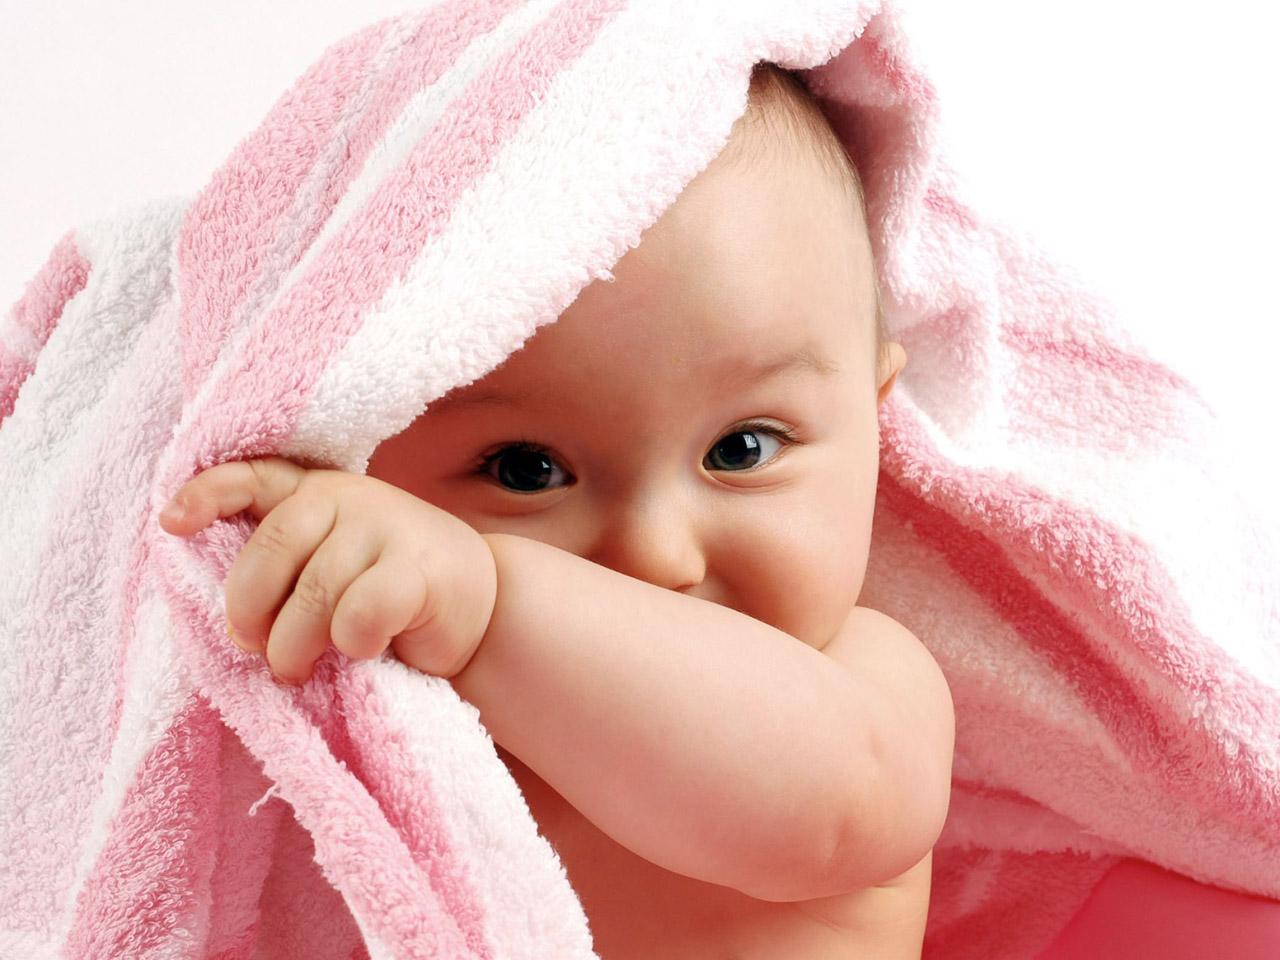 cute-babies-wallpapers- (6)